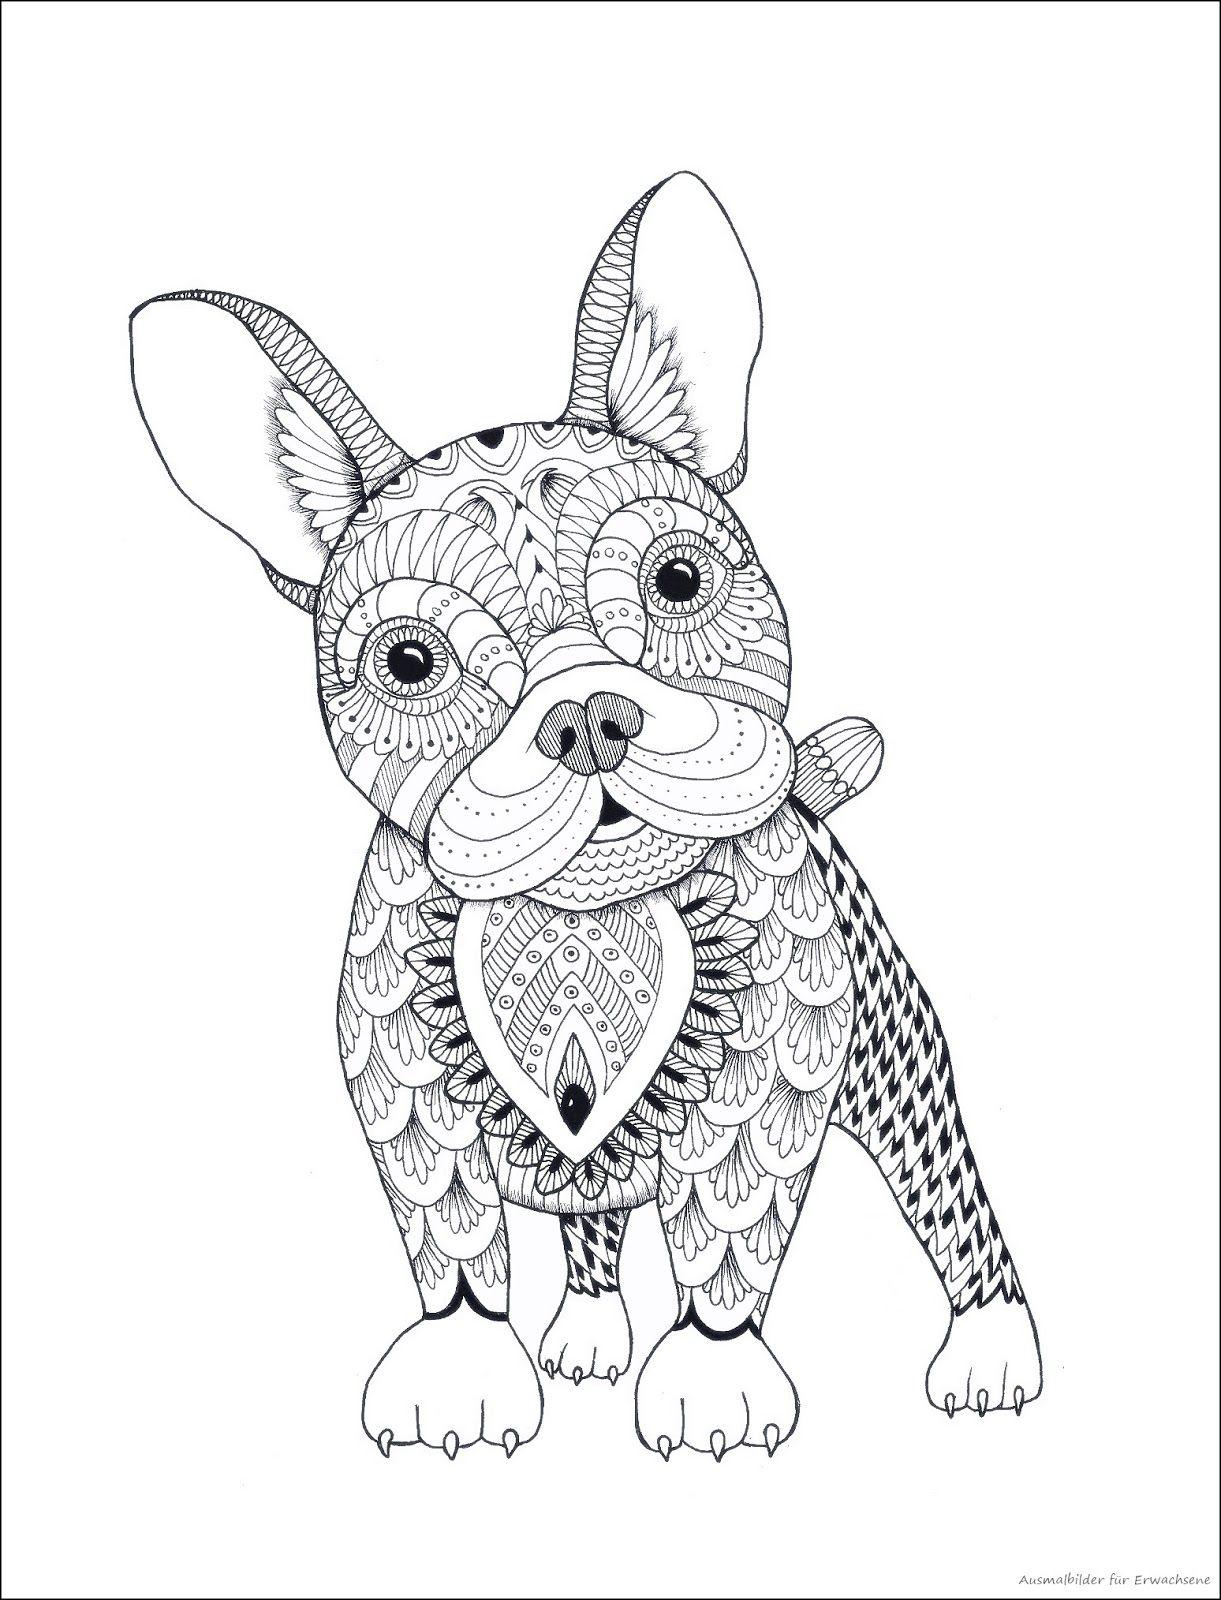 38 ausdrucken ausmalbilder für erwachsene tiere pictures